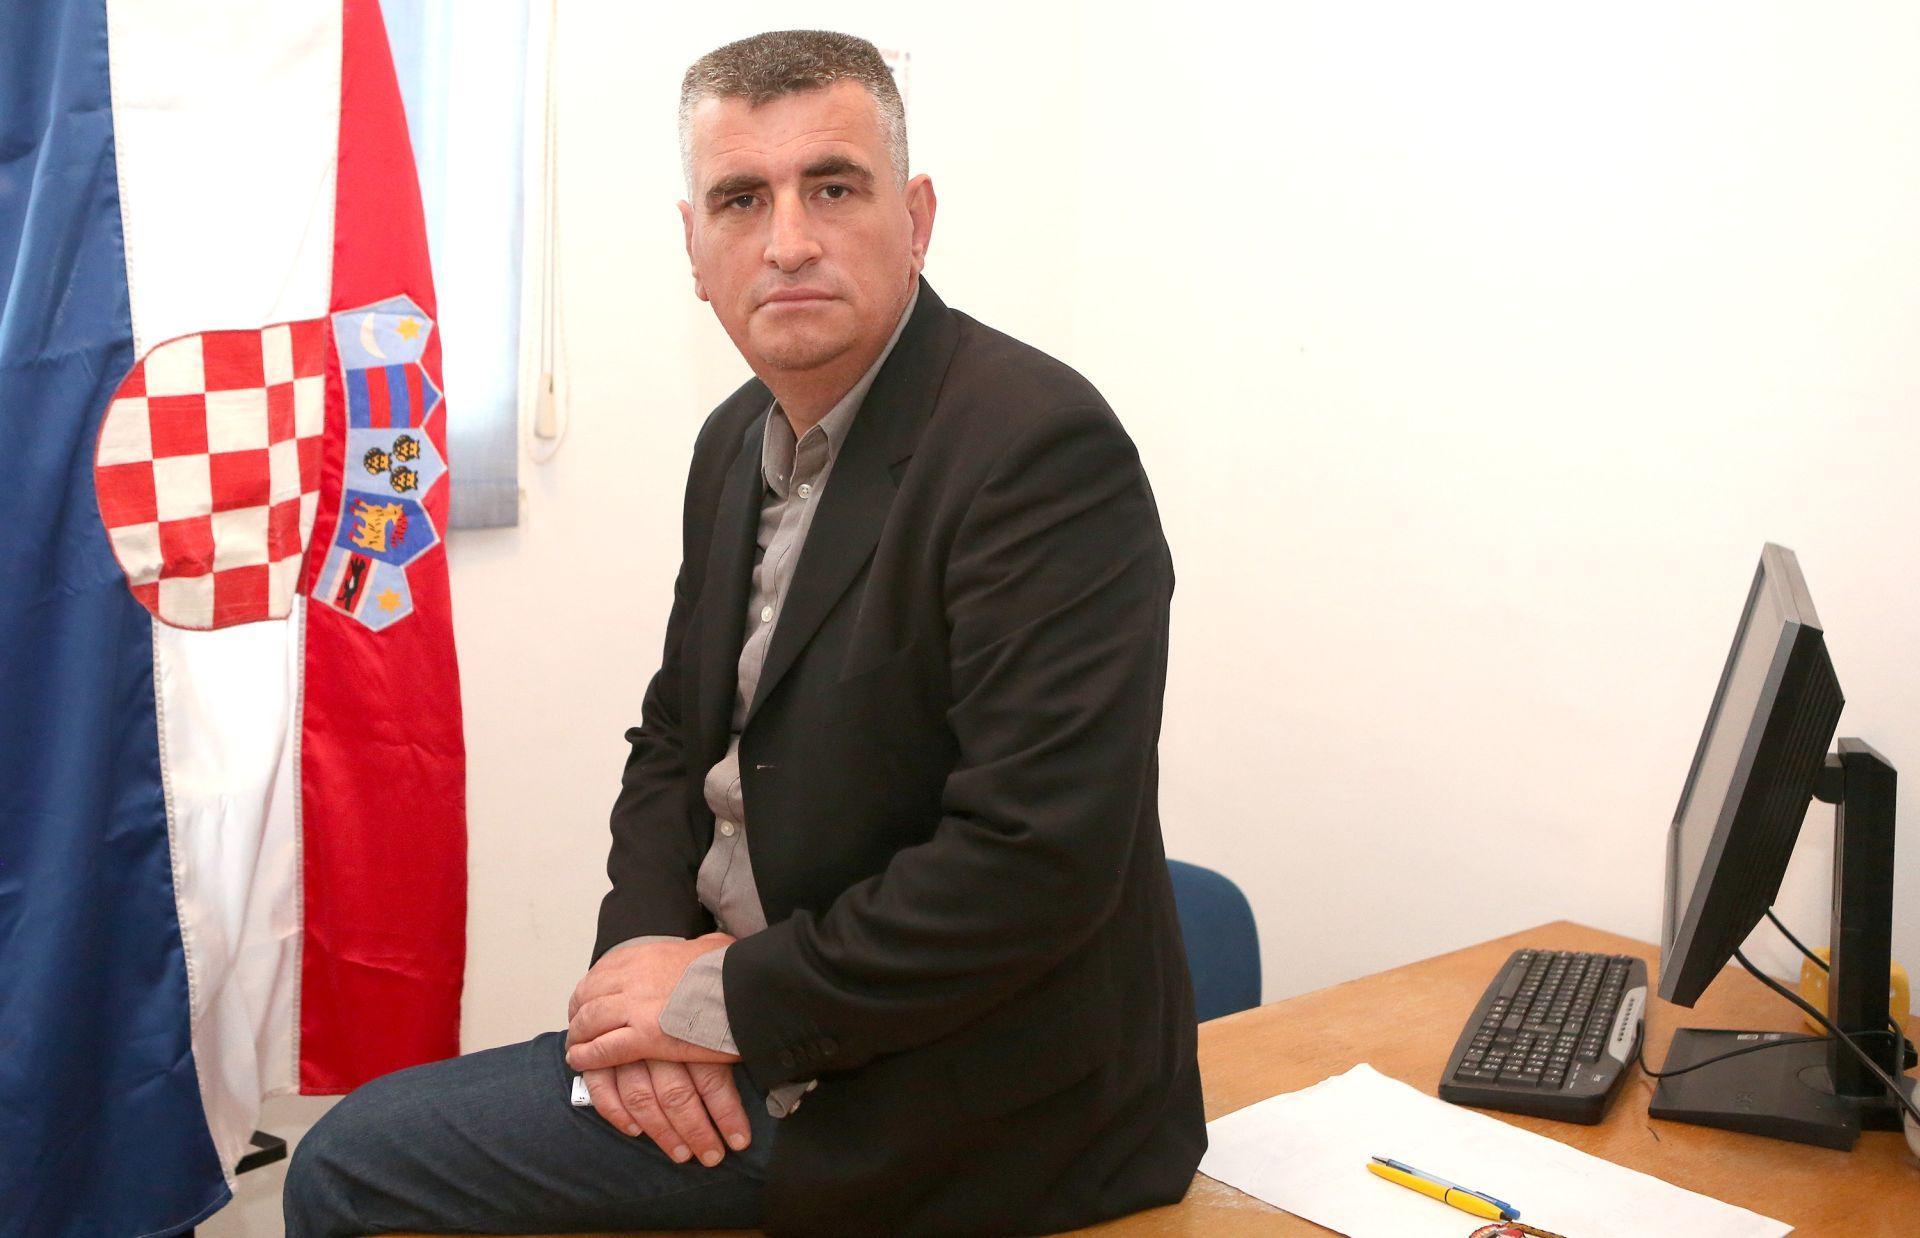 MIRO BULJ: 'Jutros sam prijavio Pusić. Ima tih primjera još, to je pošast u javnim ustanovama'